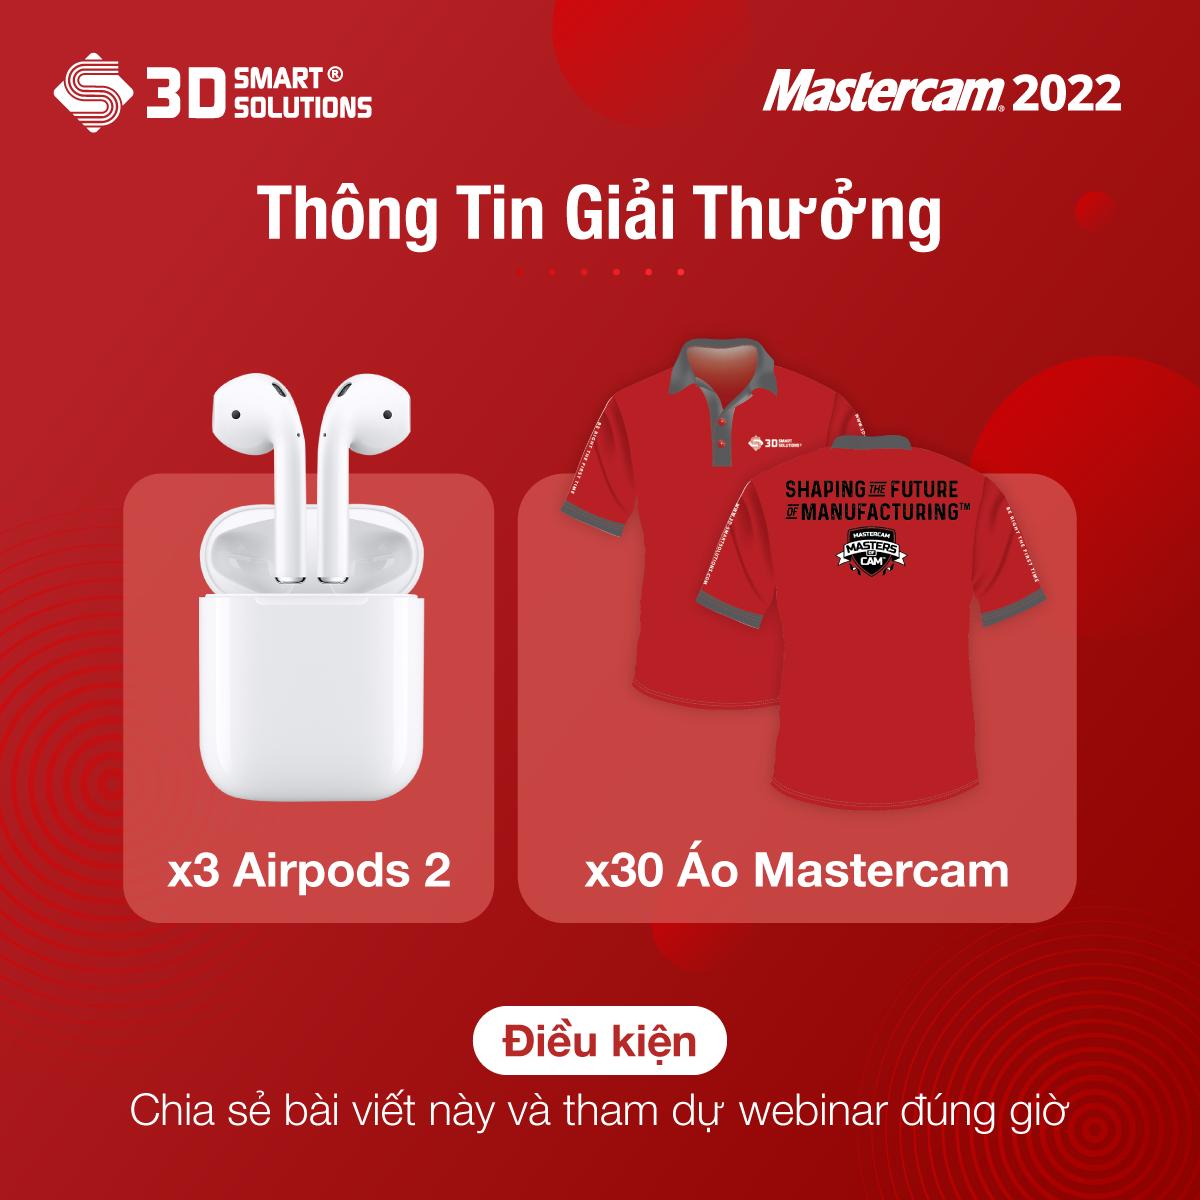 Quà tặng cho người tham dự nắm chuyên môn Mastercam